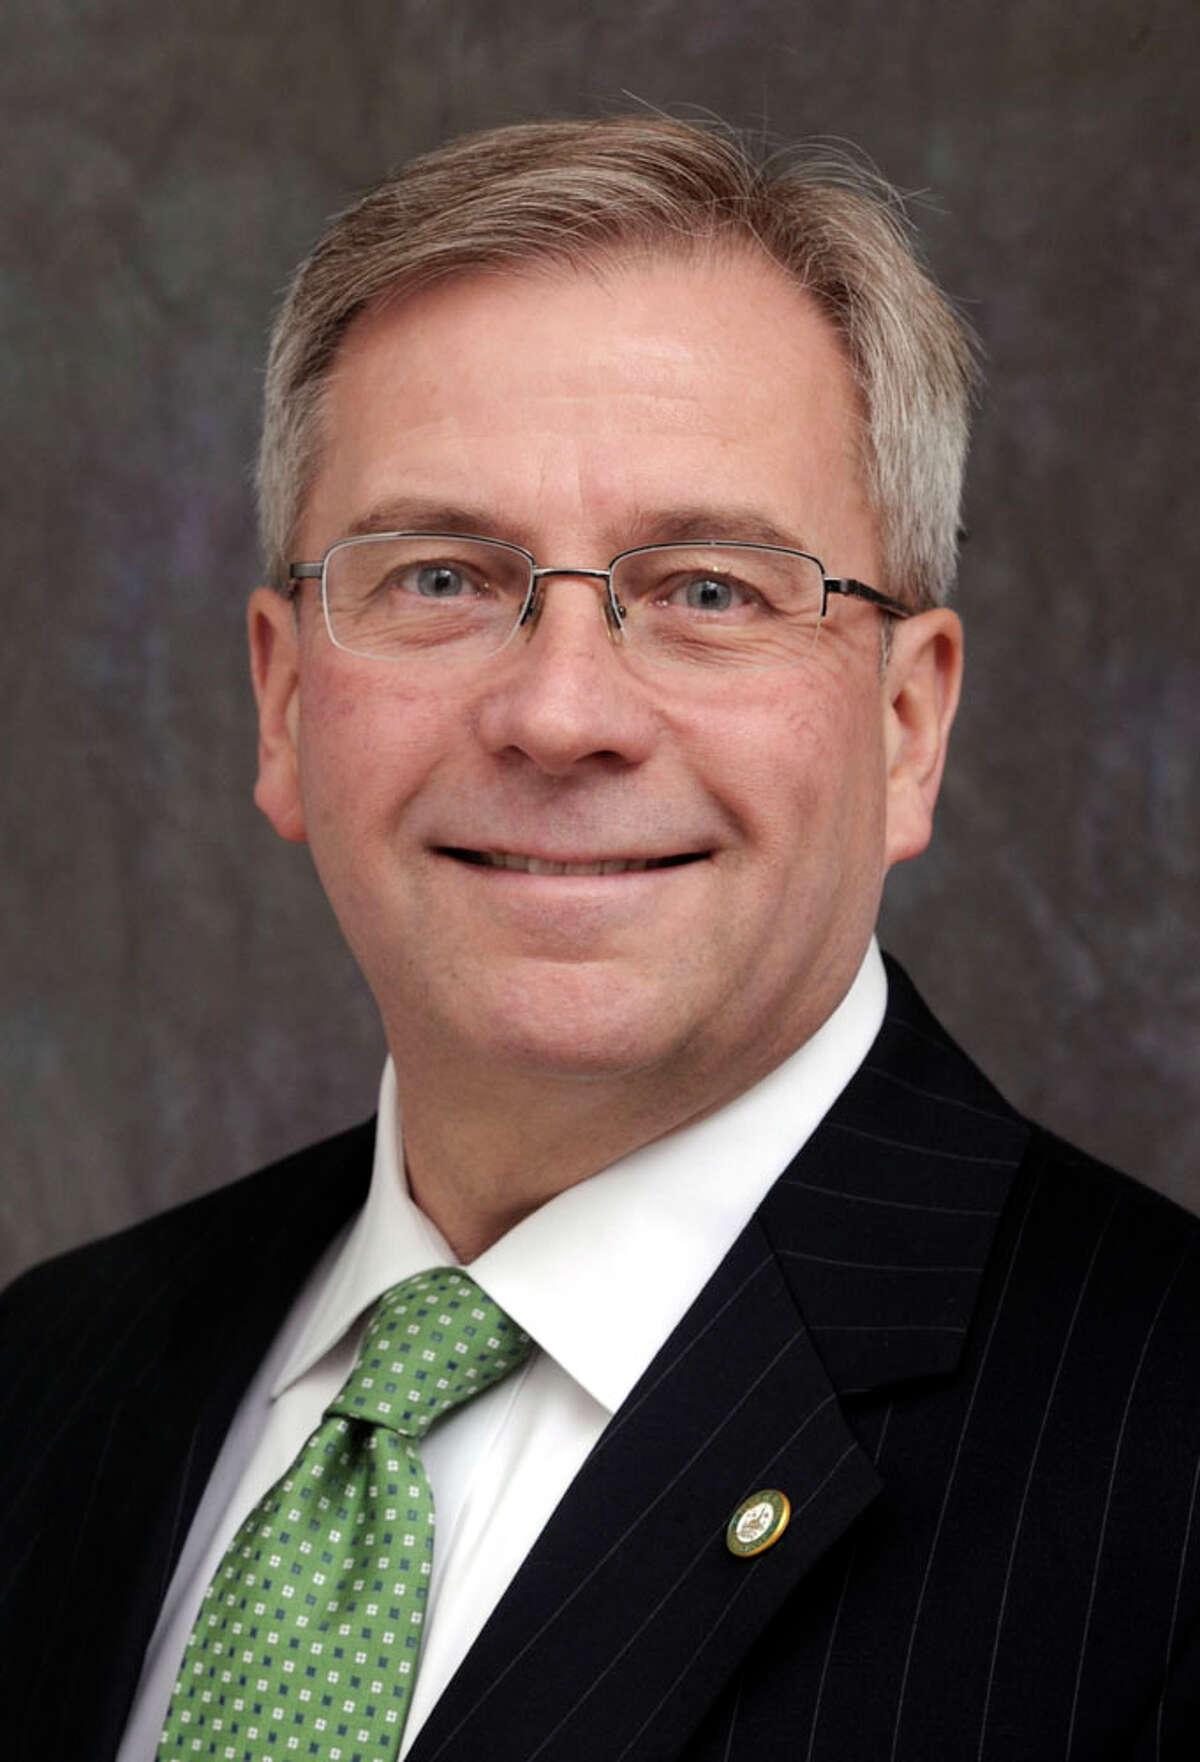 Bethel First Selectman Matt Knickerbocker